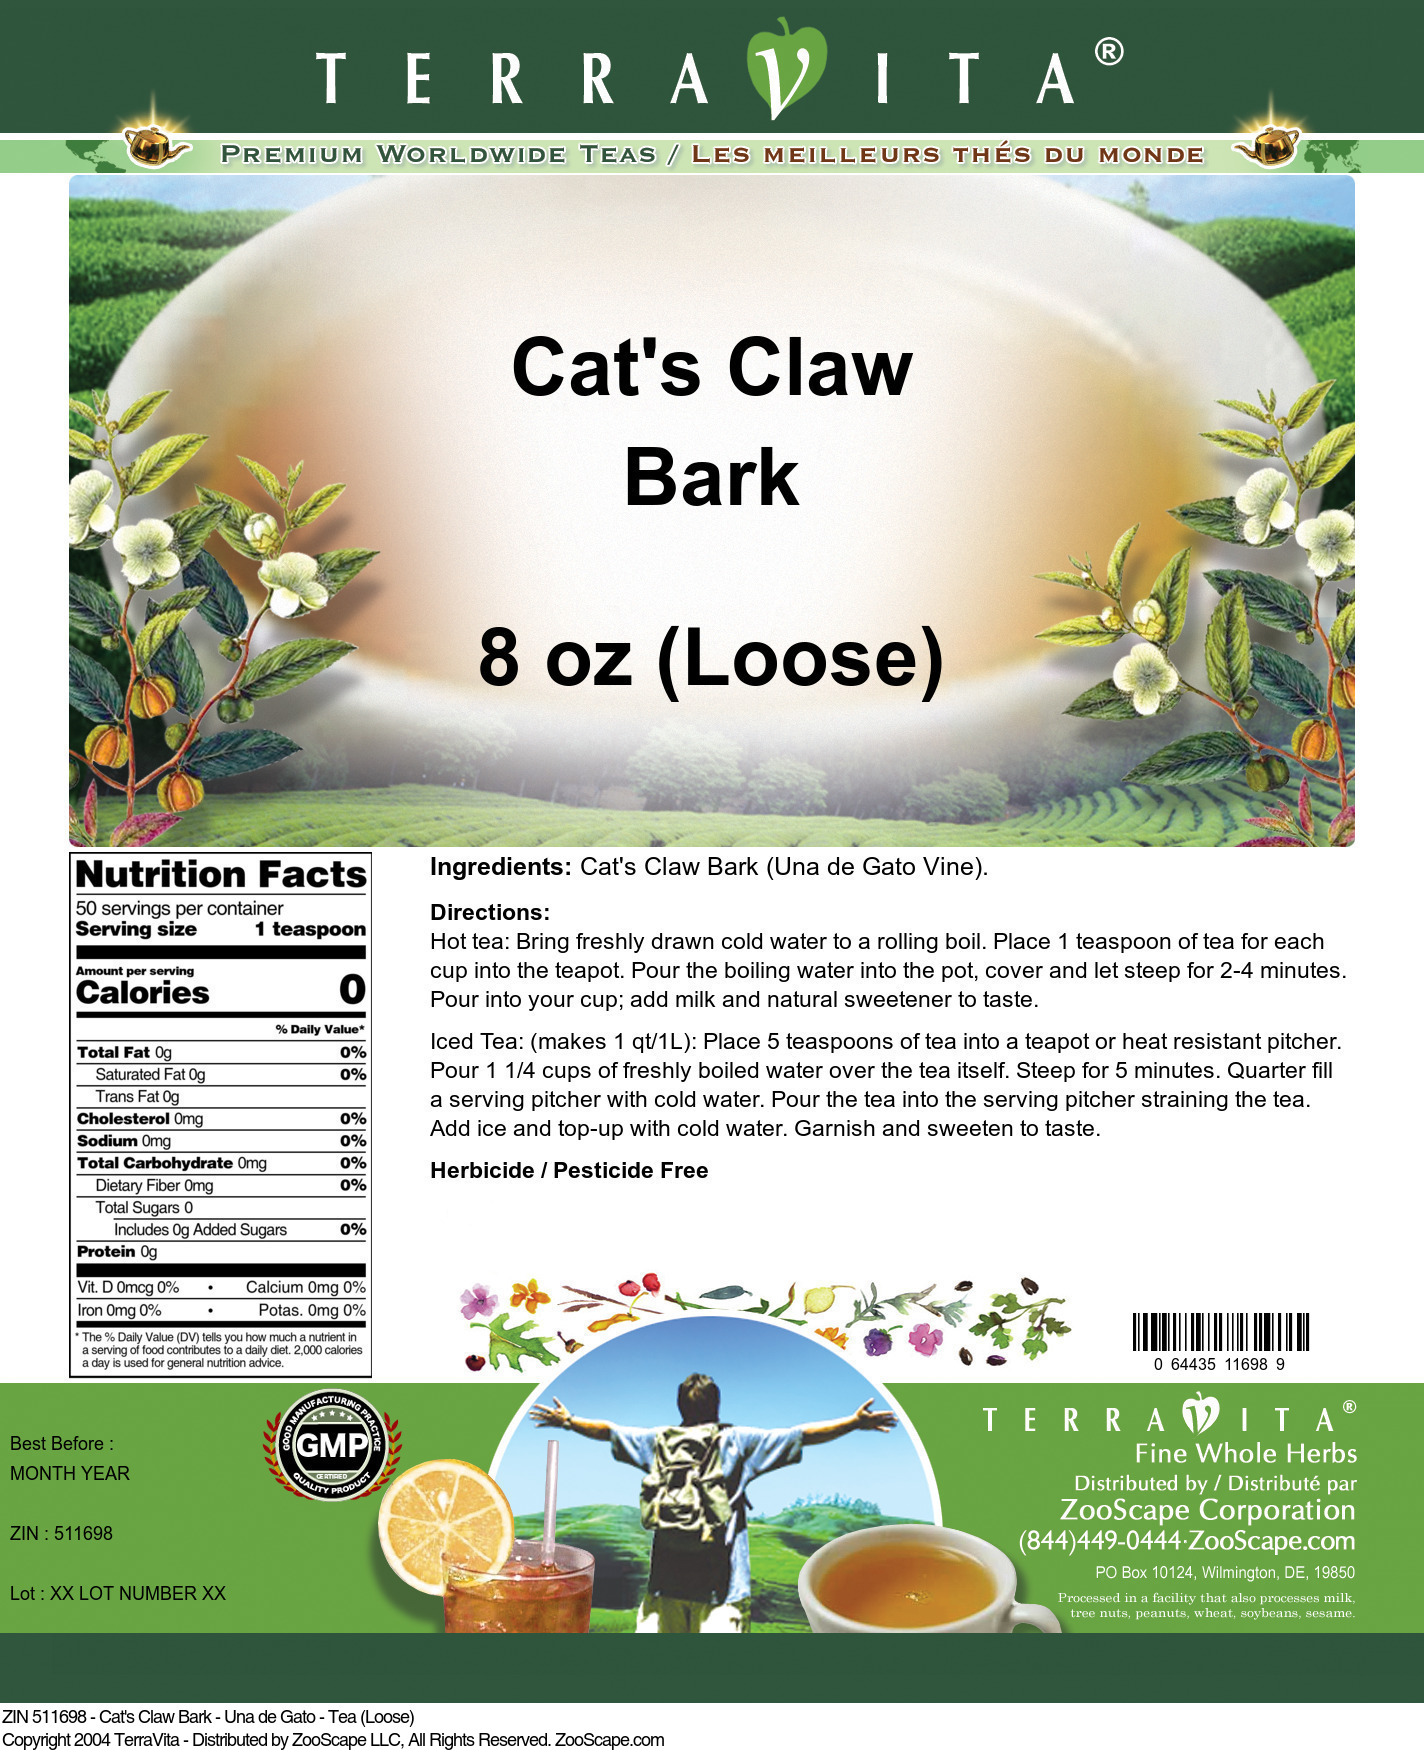 Cat's Claw Bark - Una de Gato